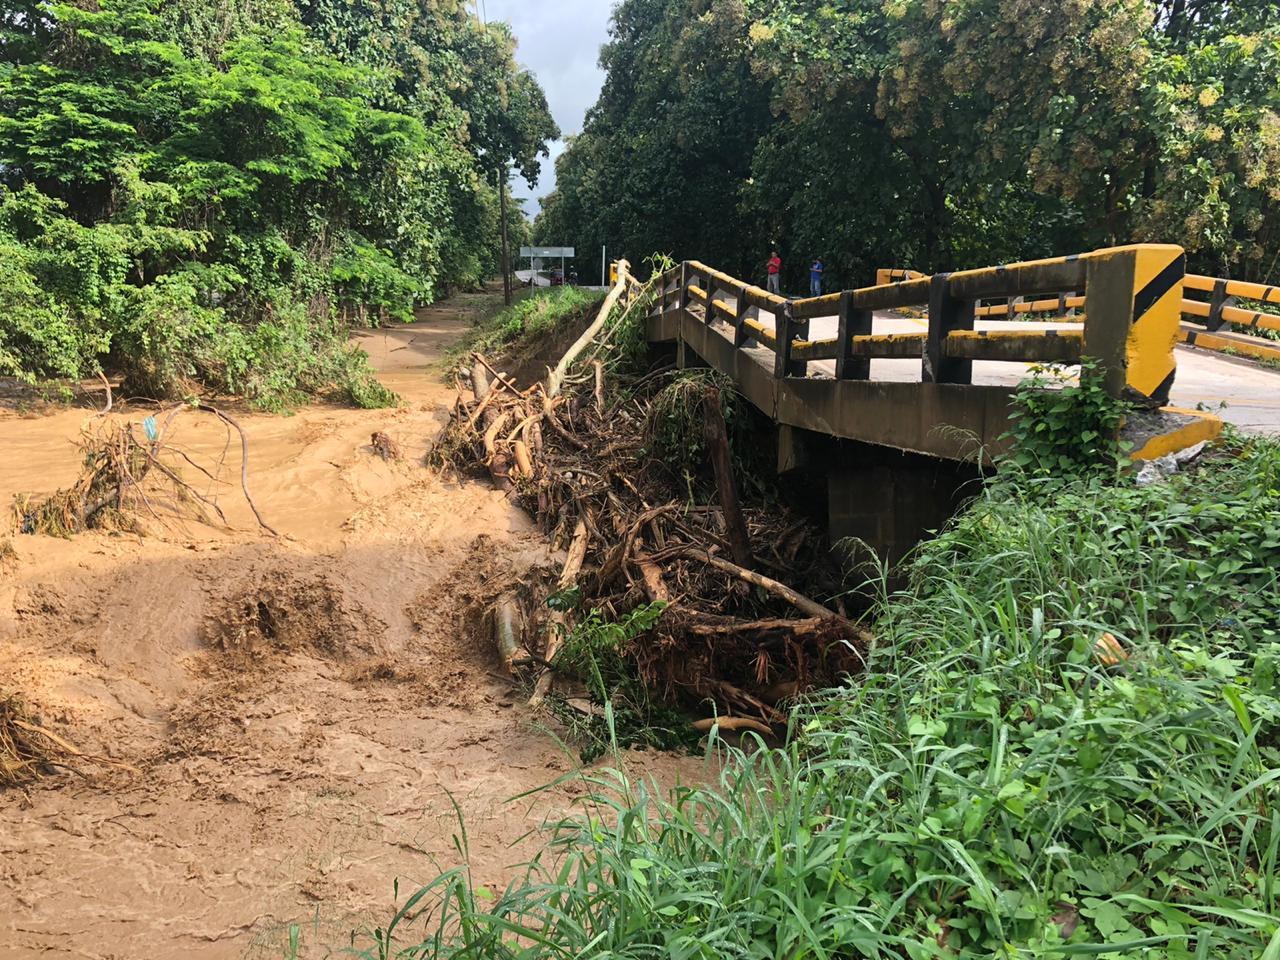 De acuerdo a las autoridades gubernamentales, el huracán Eta afectó severamente la infraestructura vial de Honduras dejando 21 puentes destruidos, como este en Río Lindo, y más de 100 carreteras dañadas. Foto cortesía de la Misión Metodista Unida de Honduras.